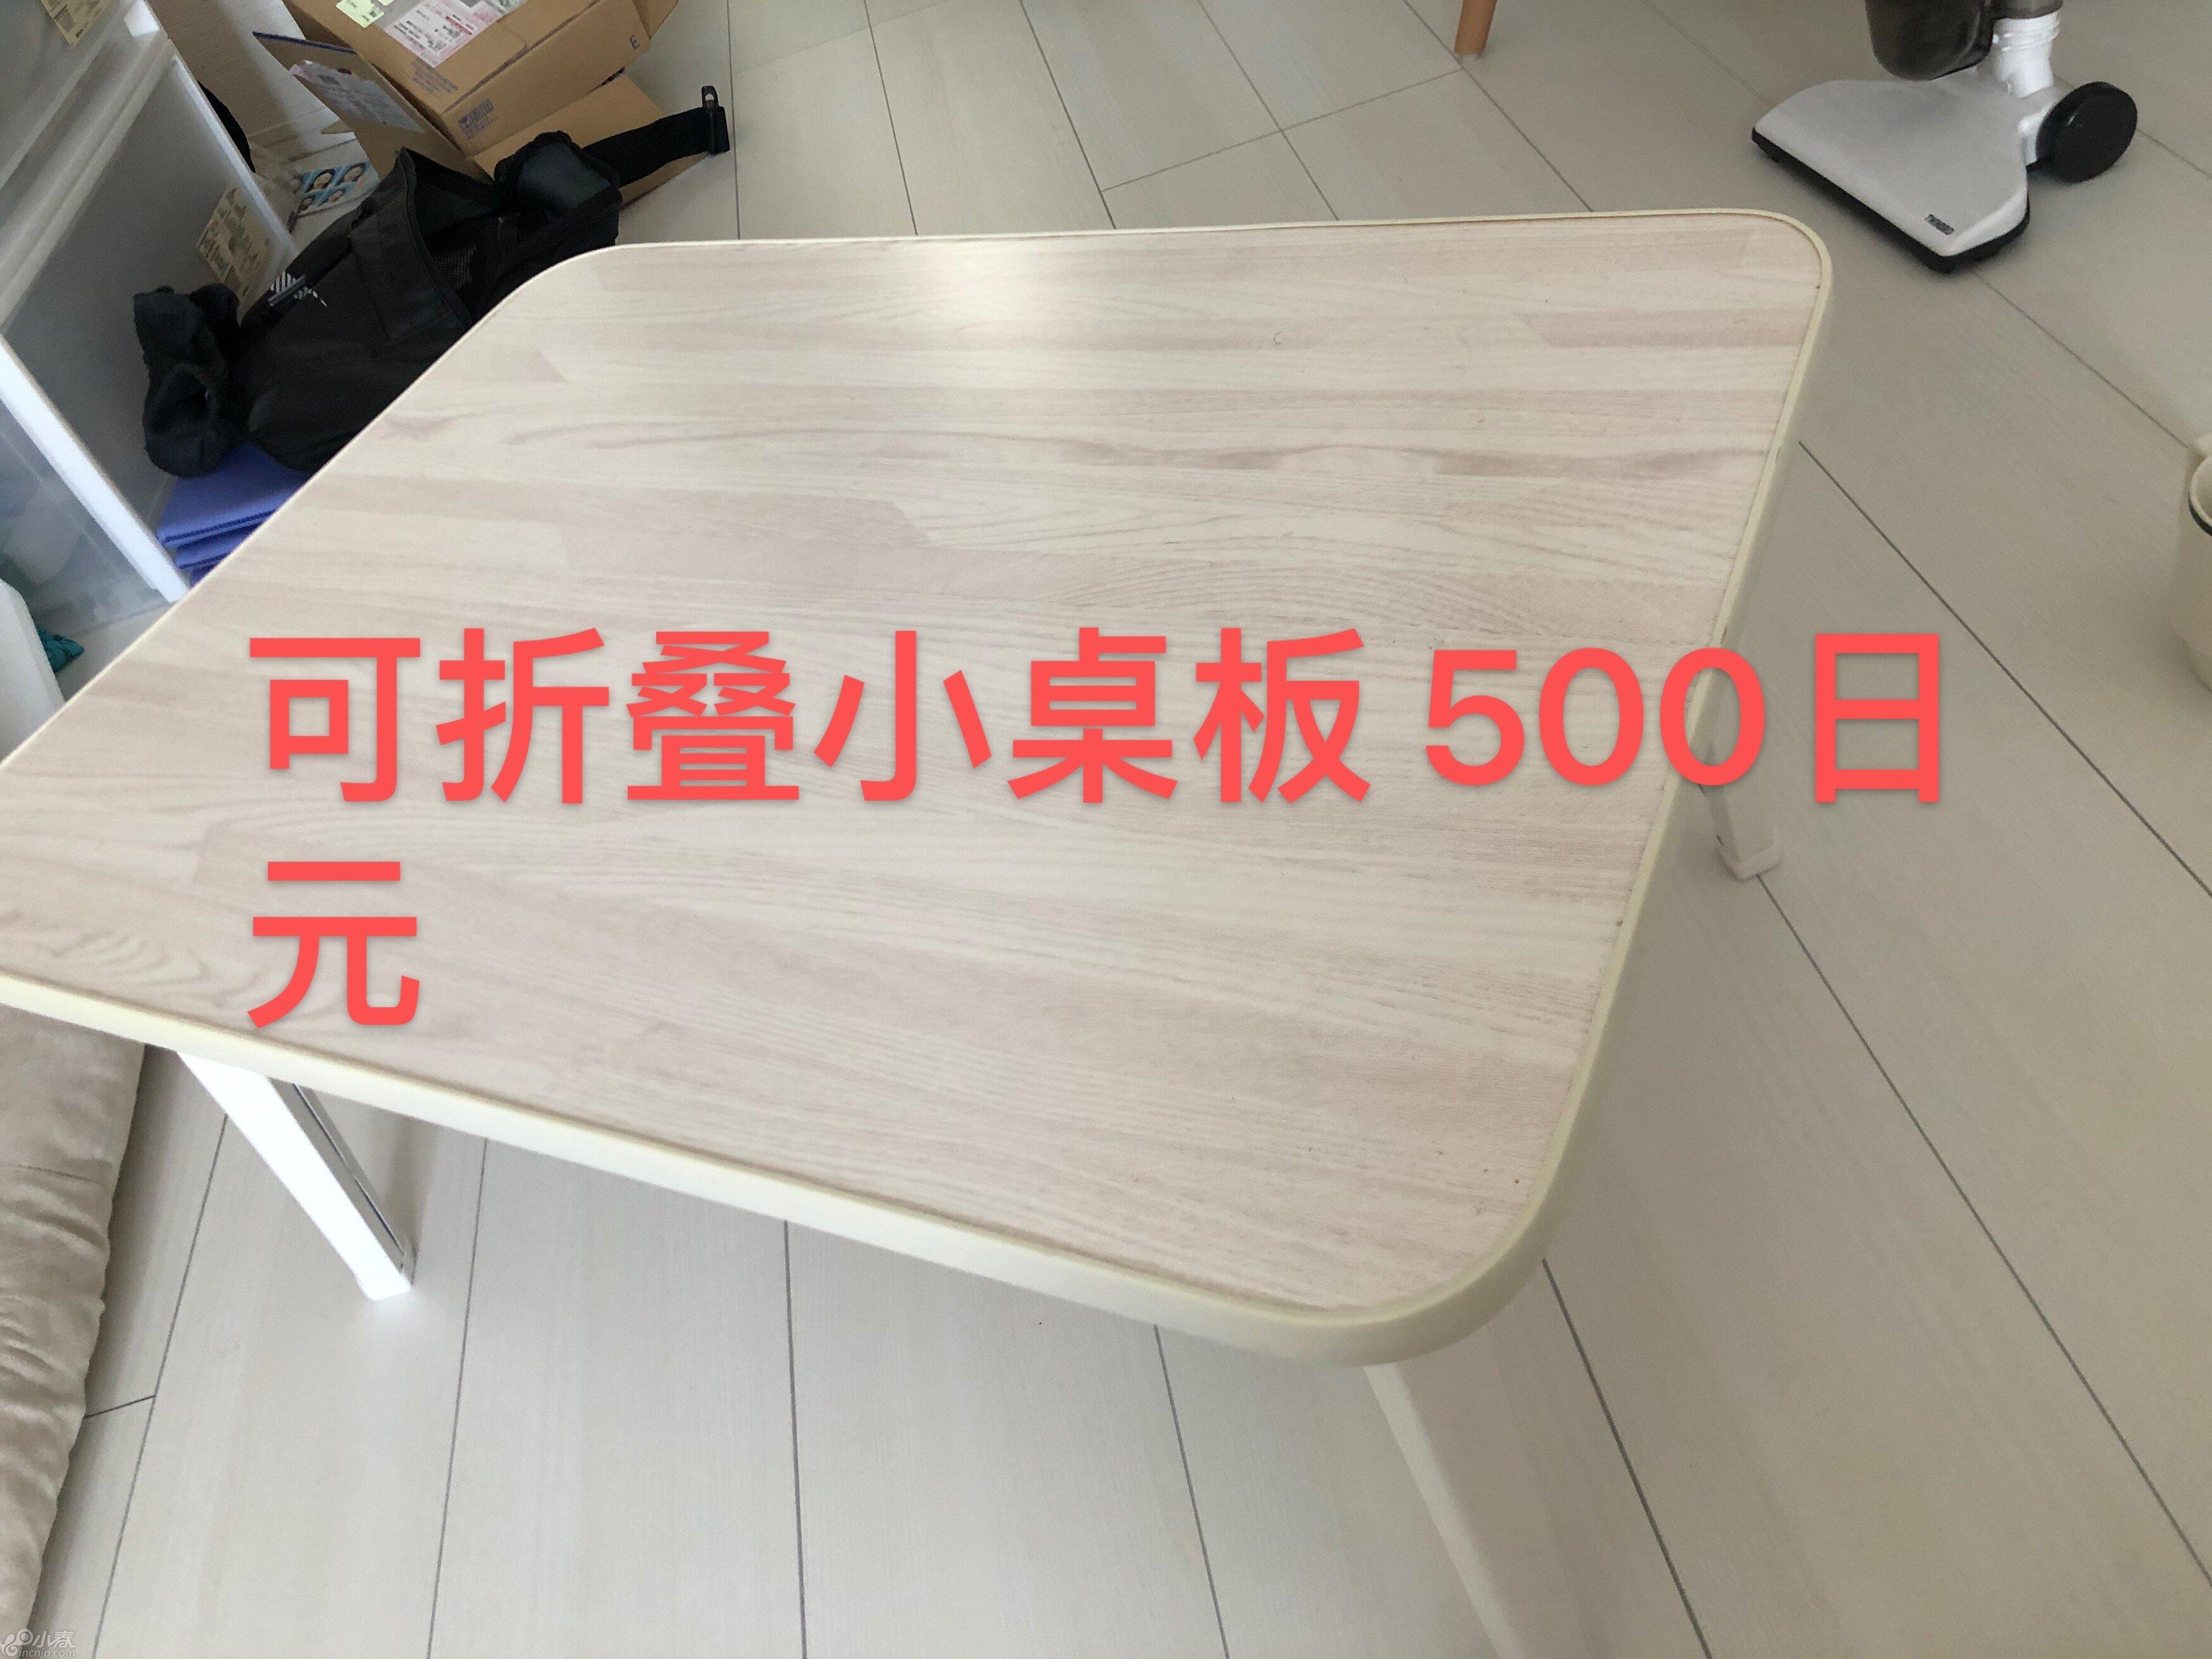 DEFF4598-2AFC-4337-8B6F-A1B00DA7F204.jpeg